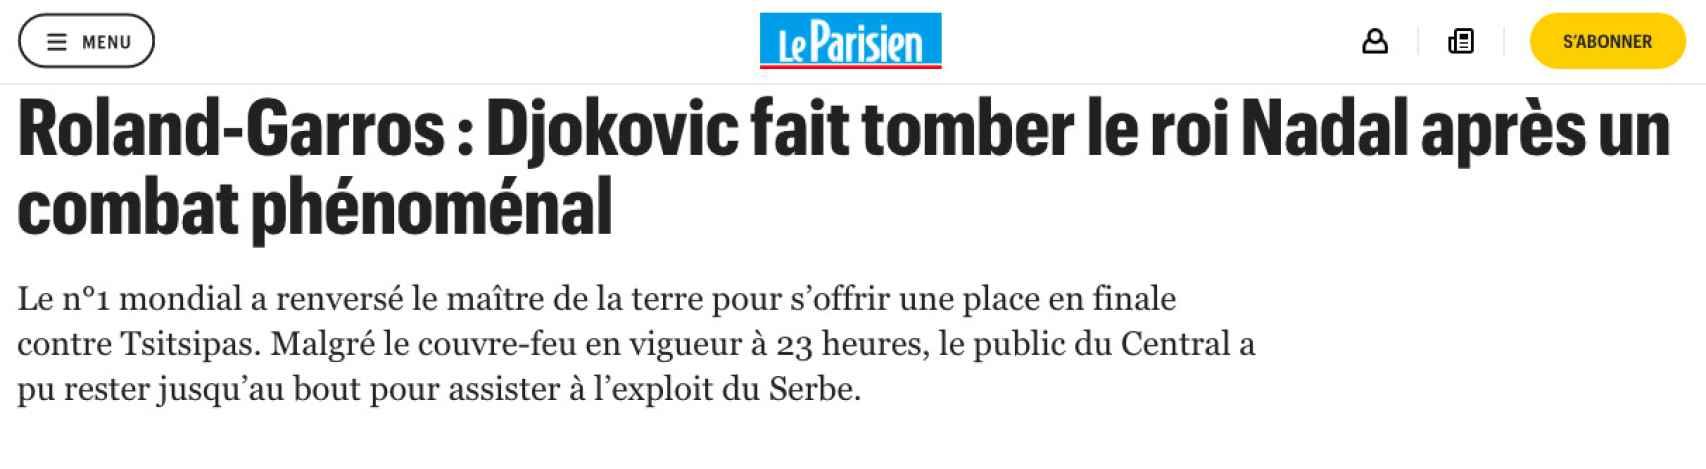 Le Parisien, sobre la derrota de Nadal en Roland Garros